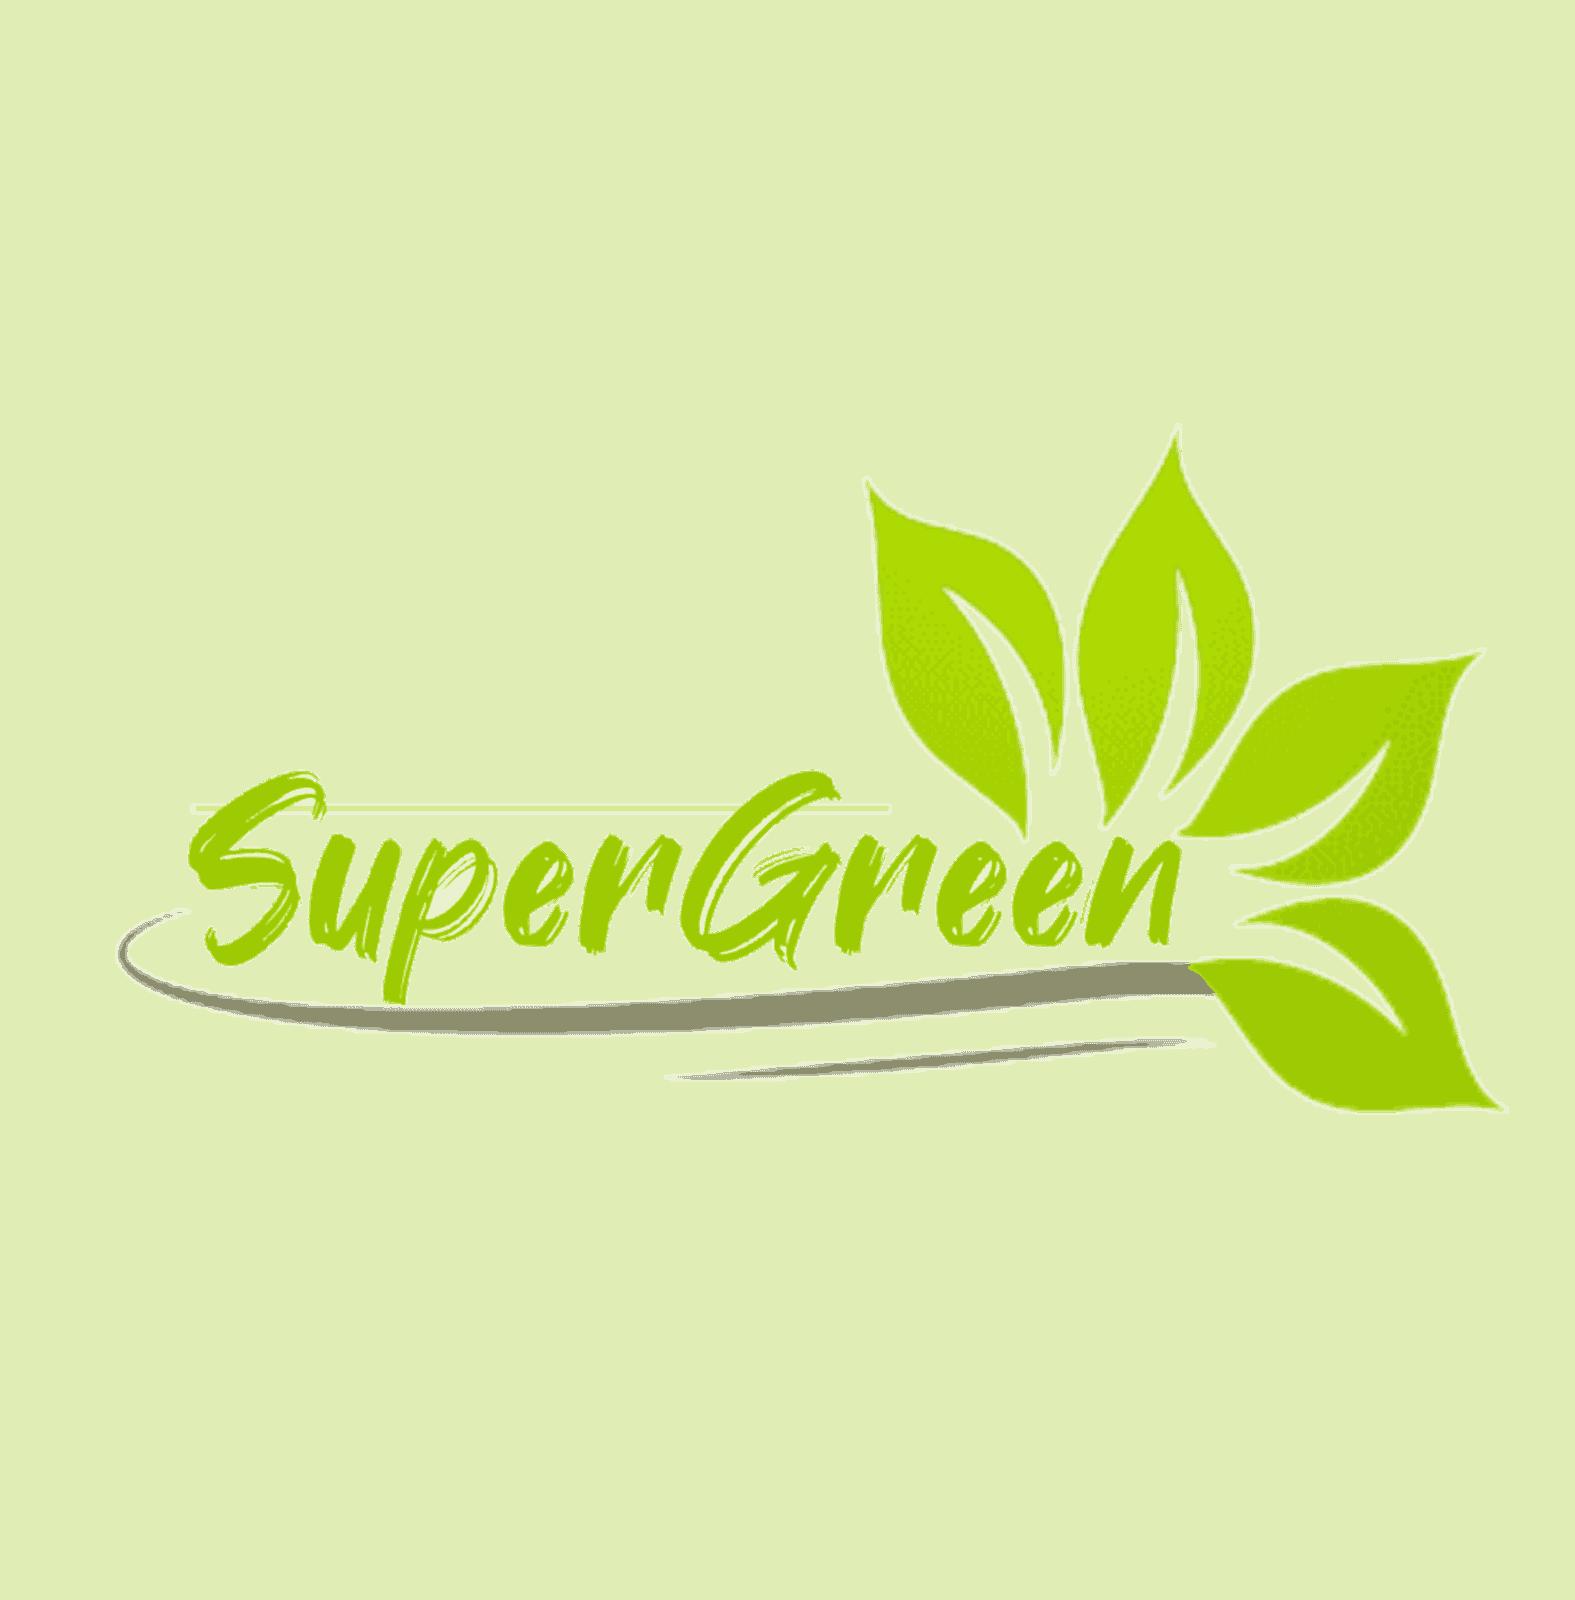 SuperGreen.com.au